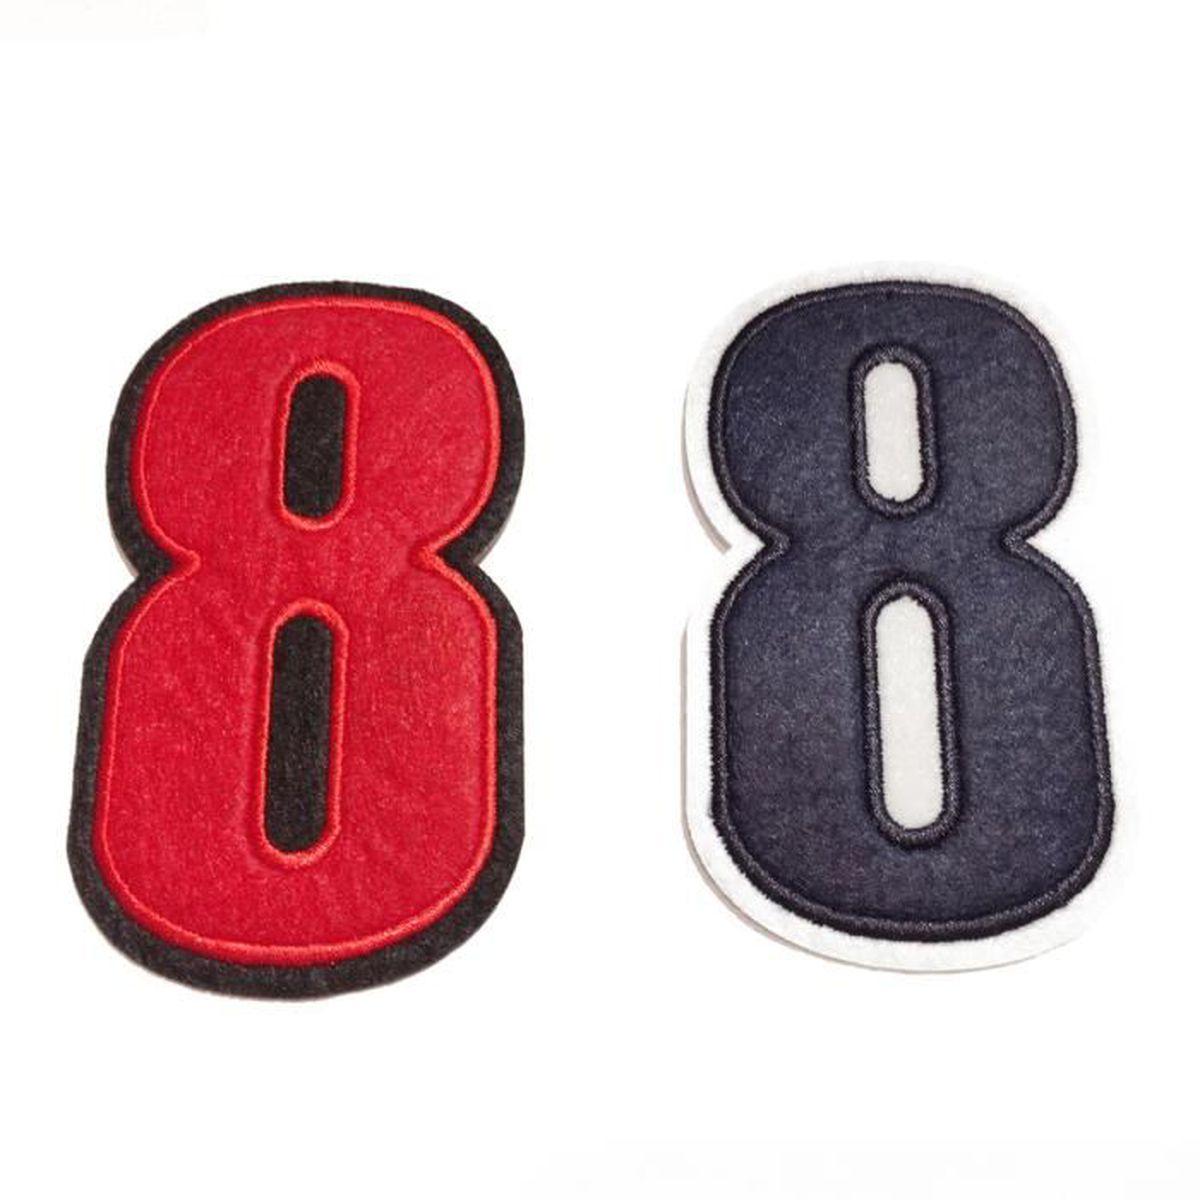 ecusson brodé à coudre couleur rouge motif de chiffre au choix – 8